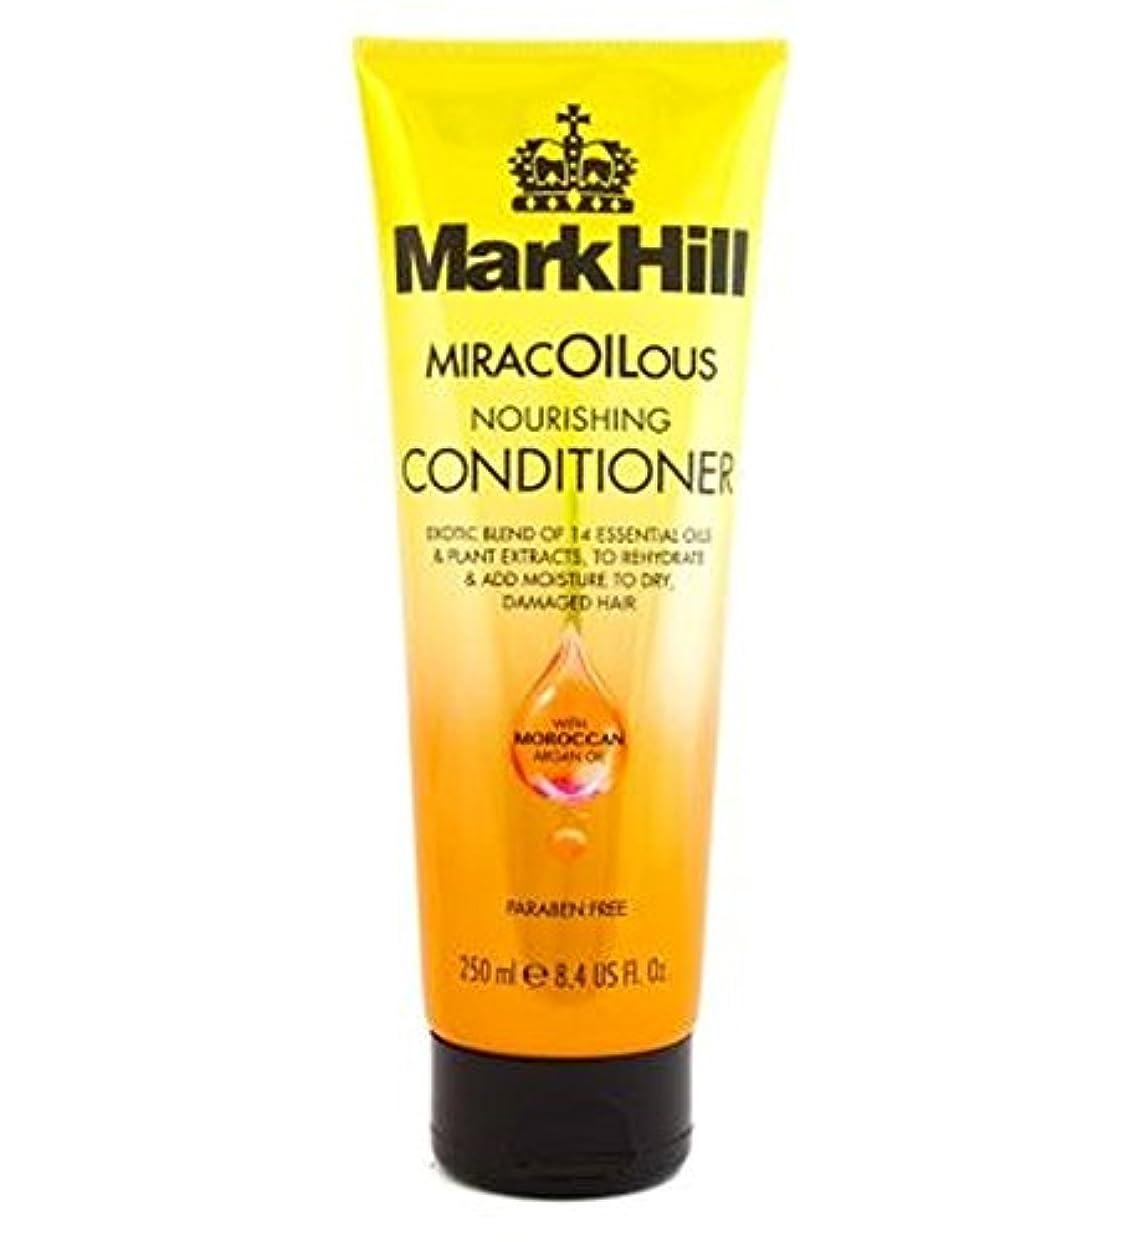 切り刻むまさに牧師Mark Hill MiracOILicious Conditioner 250ml - マーク丘Miracoiliciousコンディショナー250Ml (Mark Hill) [並行輸入品]